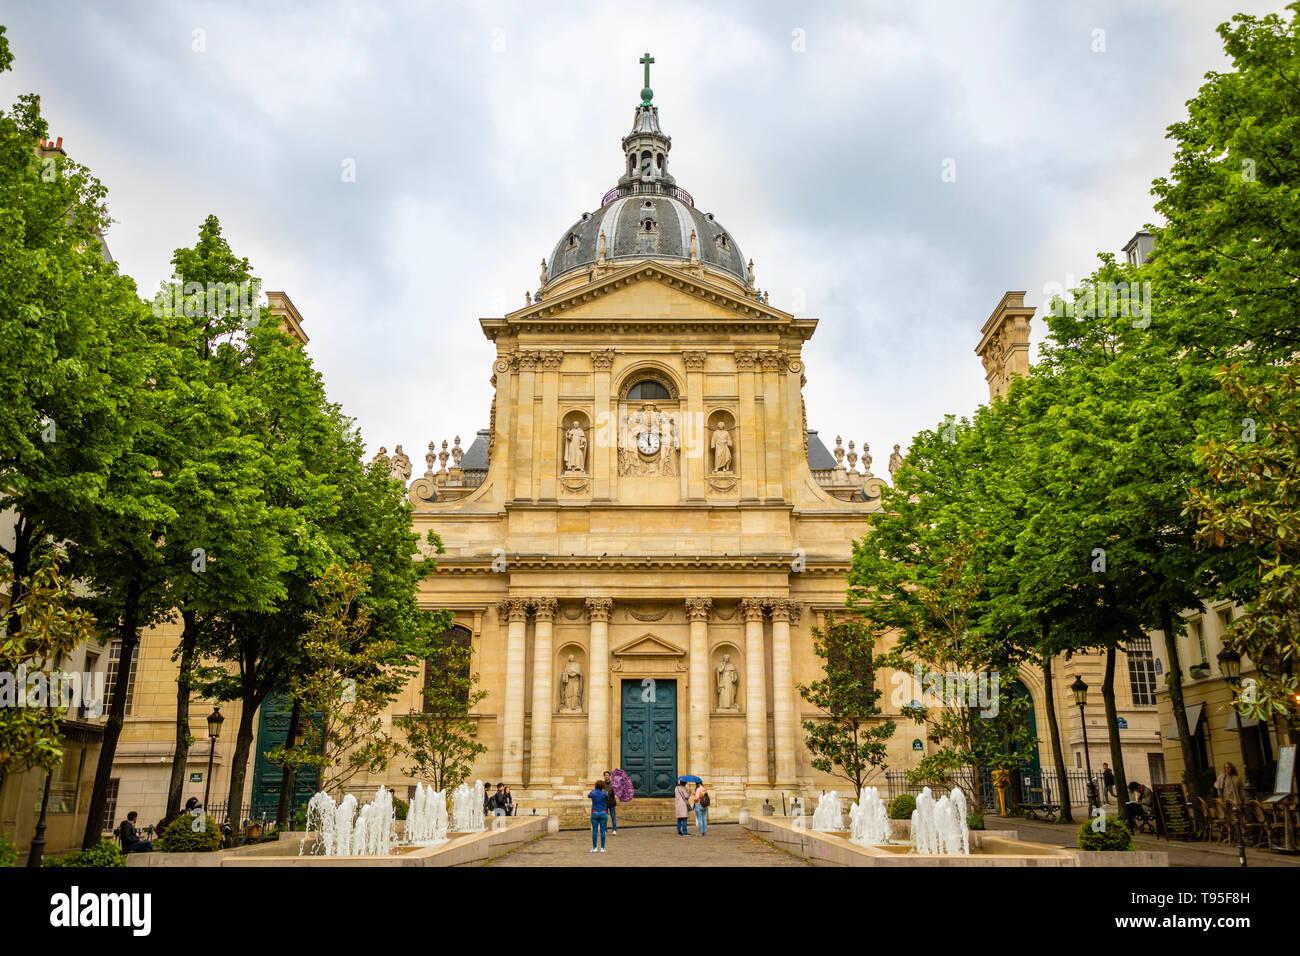 Paris, Frankreich - 24.04.2019: Sorbonne Square und College de Sorbonne, eines der ersten Colleges der mittelalterlichen Universität in Paris, Frankreich Stockbild